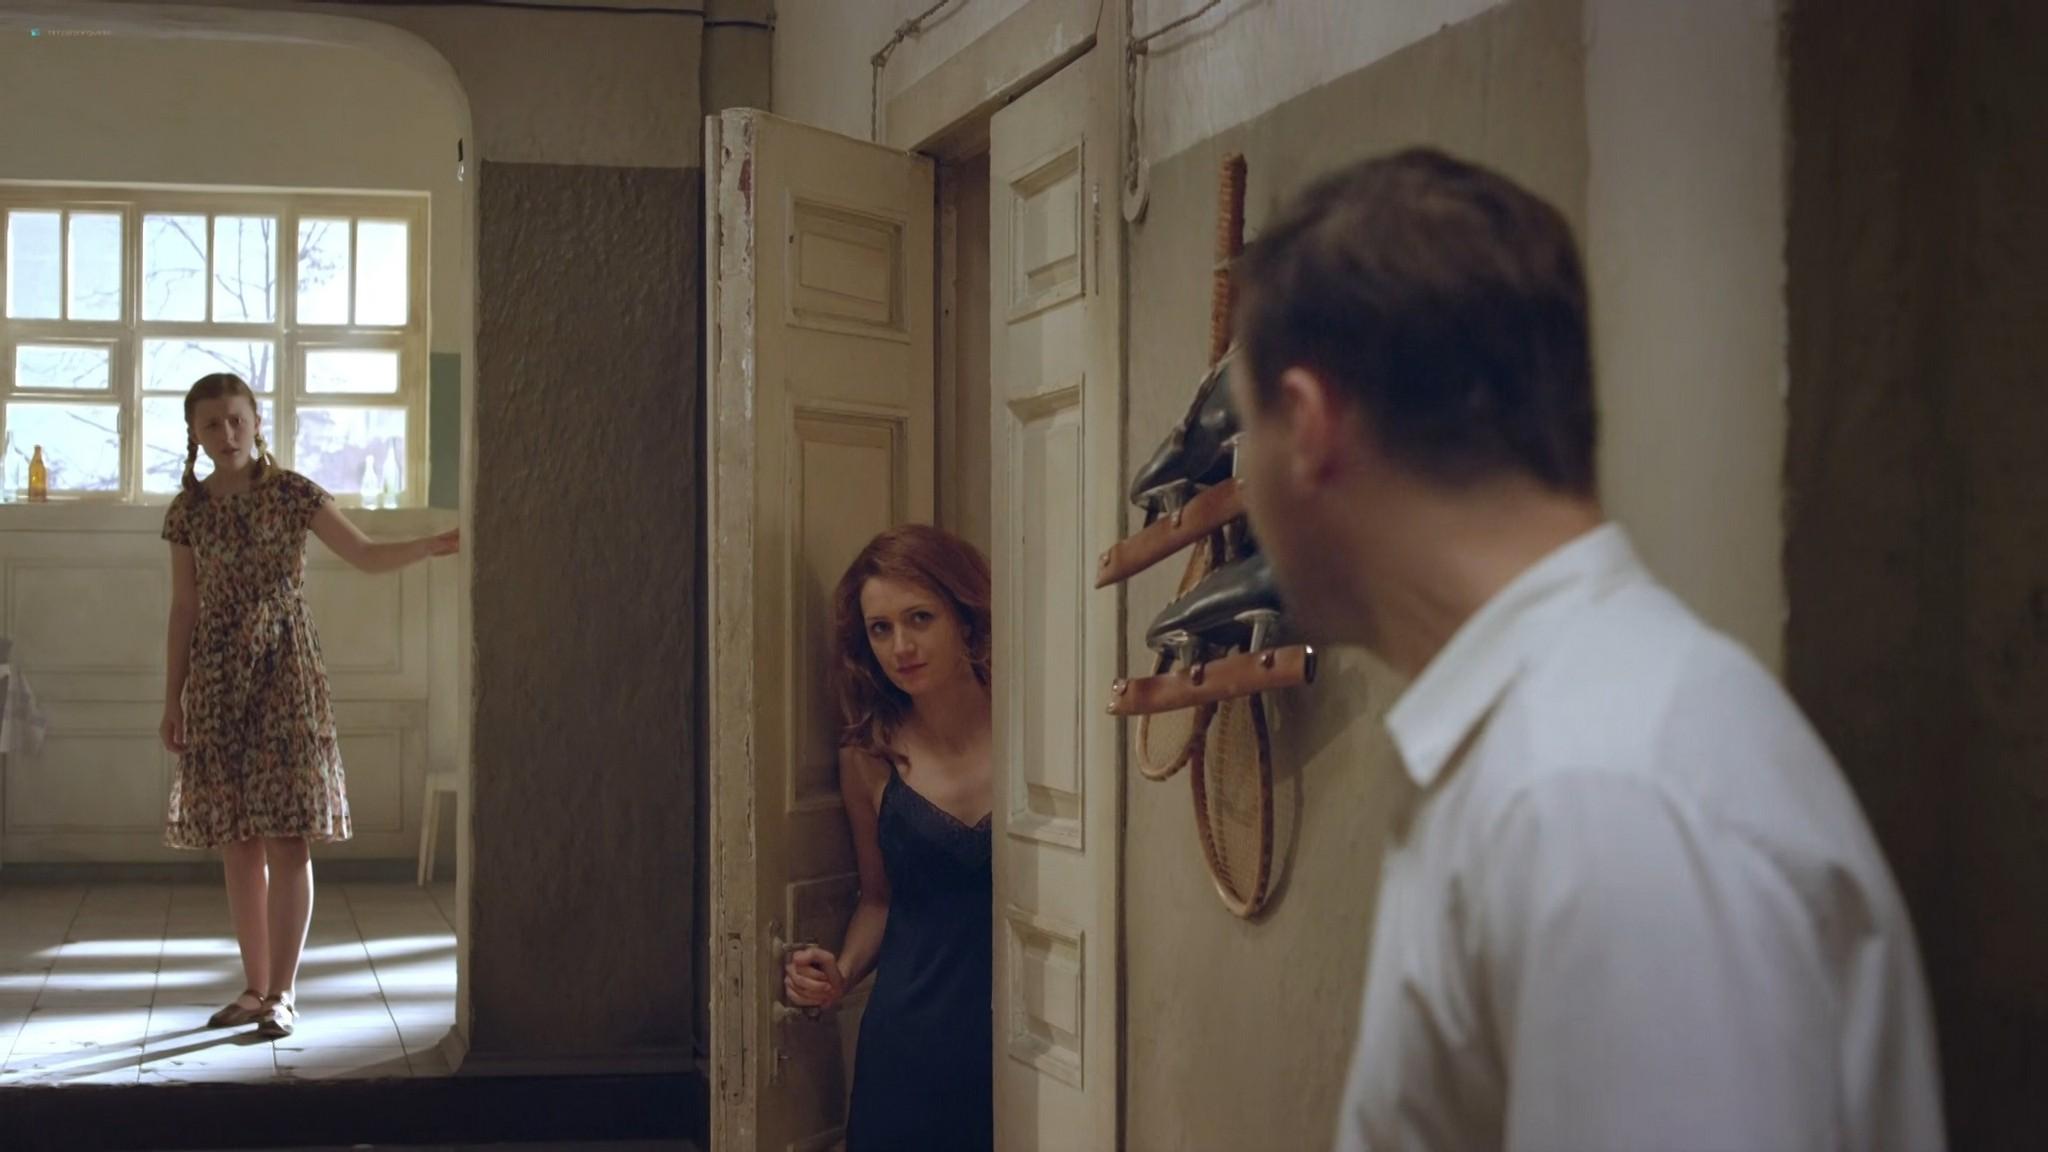 Viktoriya Isakova hot and sexy Ottepel RU 2013 HD 1080p BluRay 008